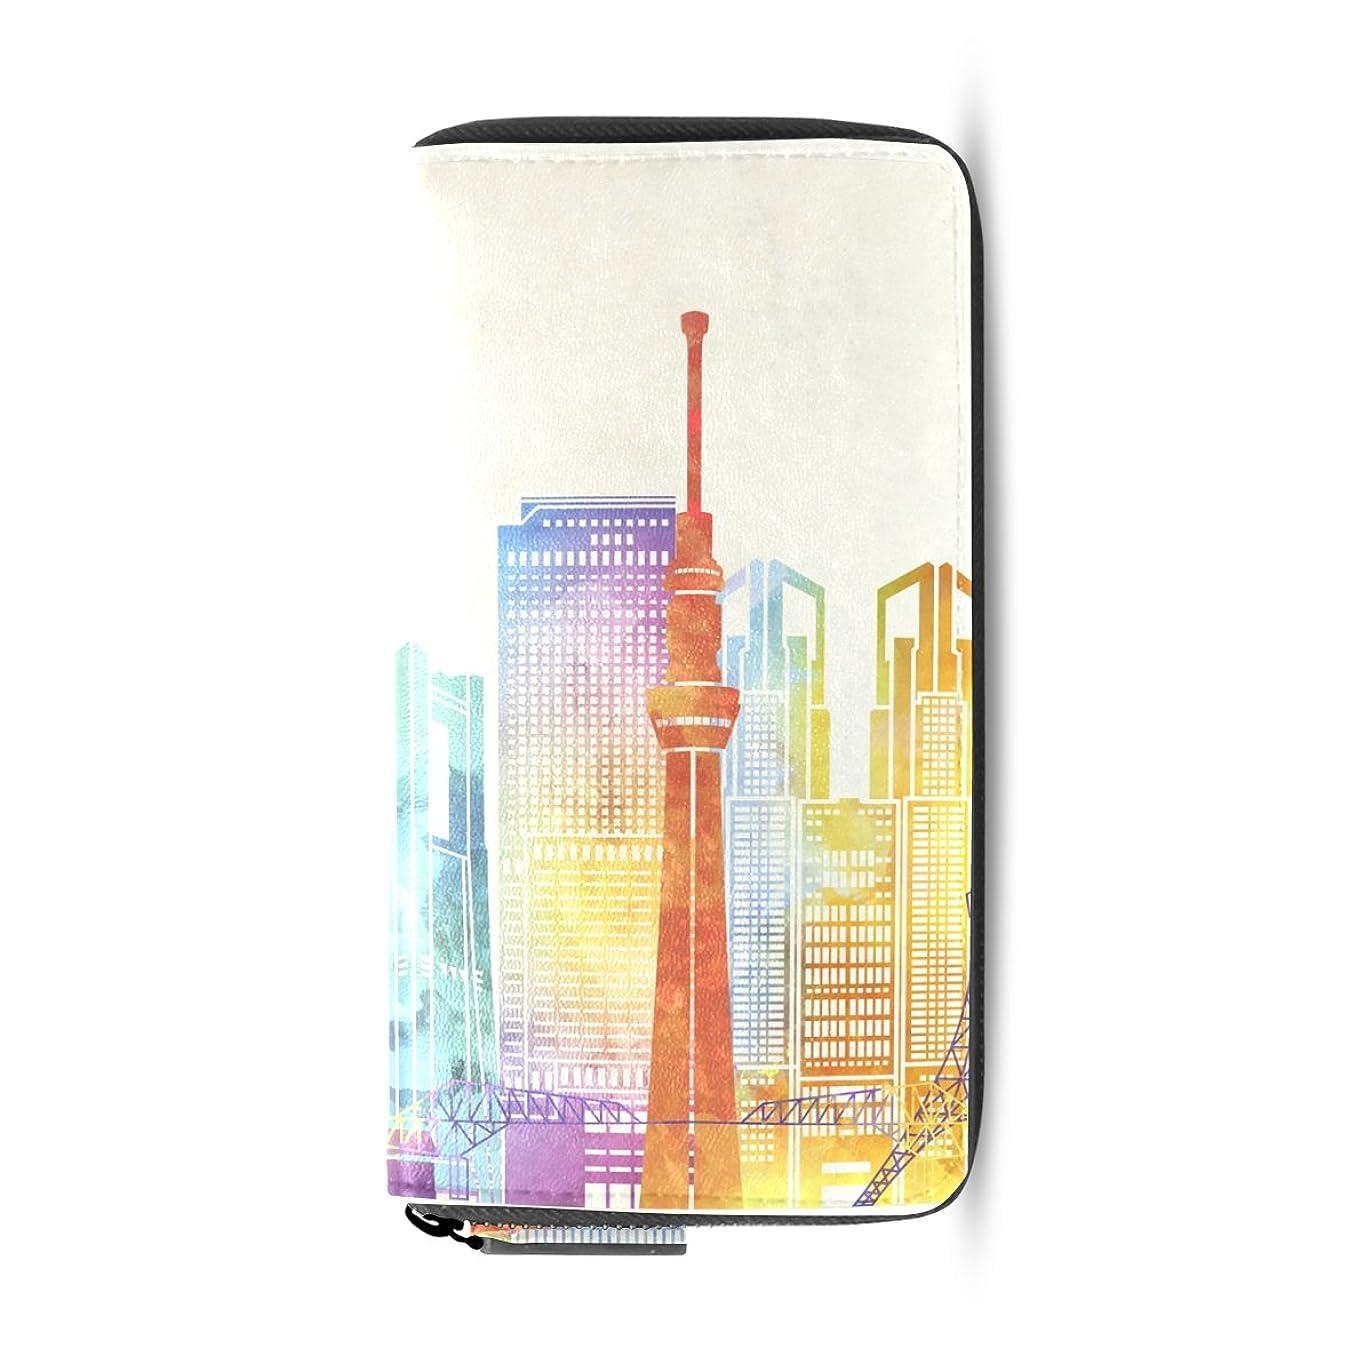 繁栄する弁護人ブランド名AOMOKI 長財布 財布 レディース 大容量 PUレザー 幅20*丈11cm 東京タワー